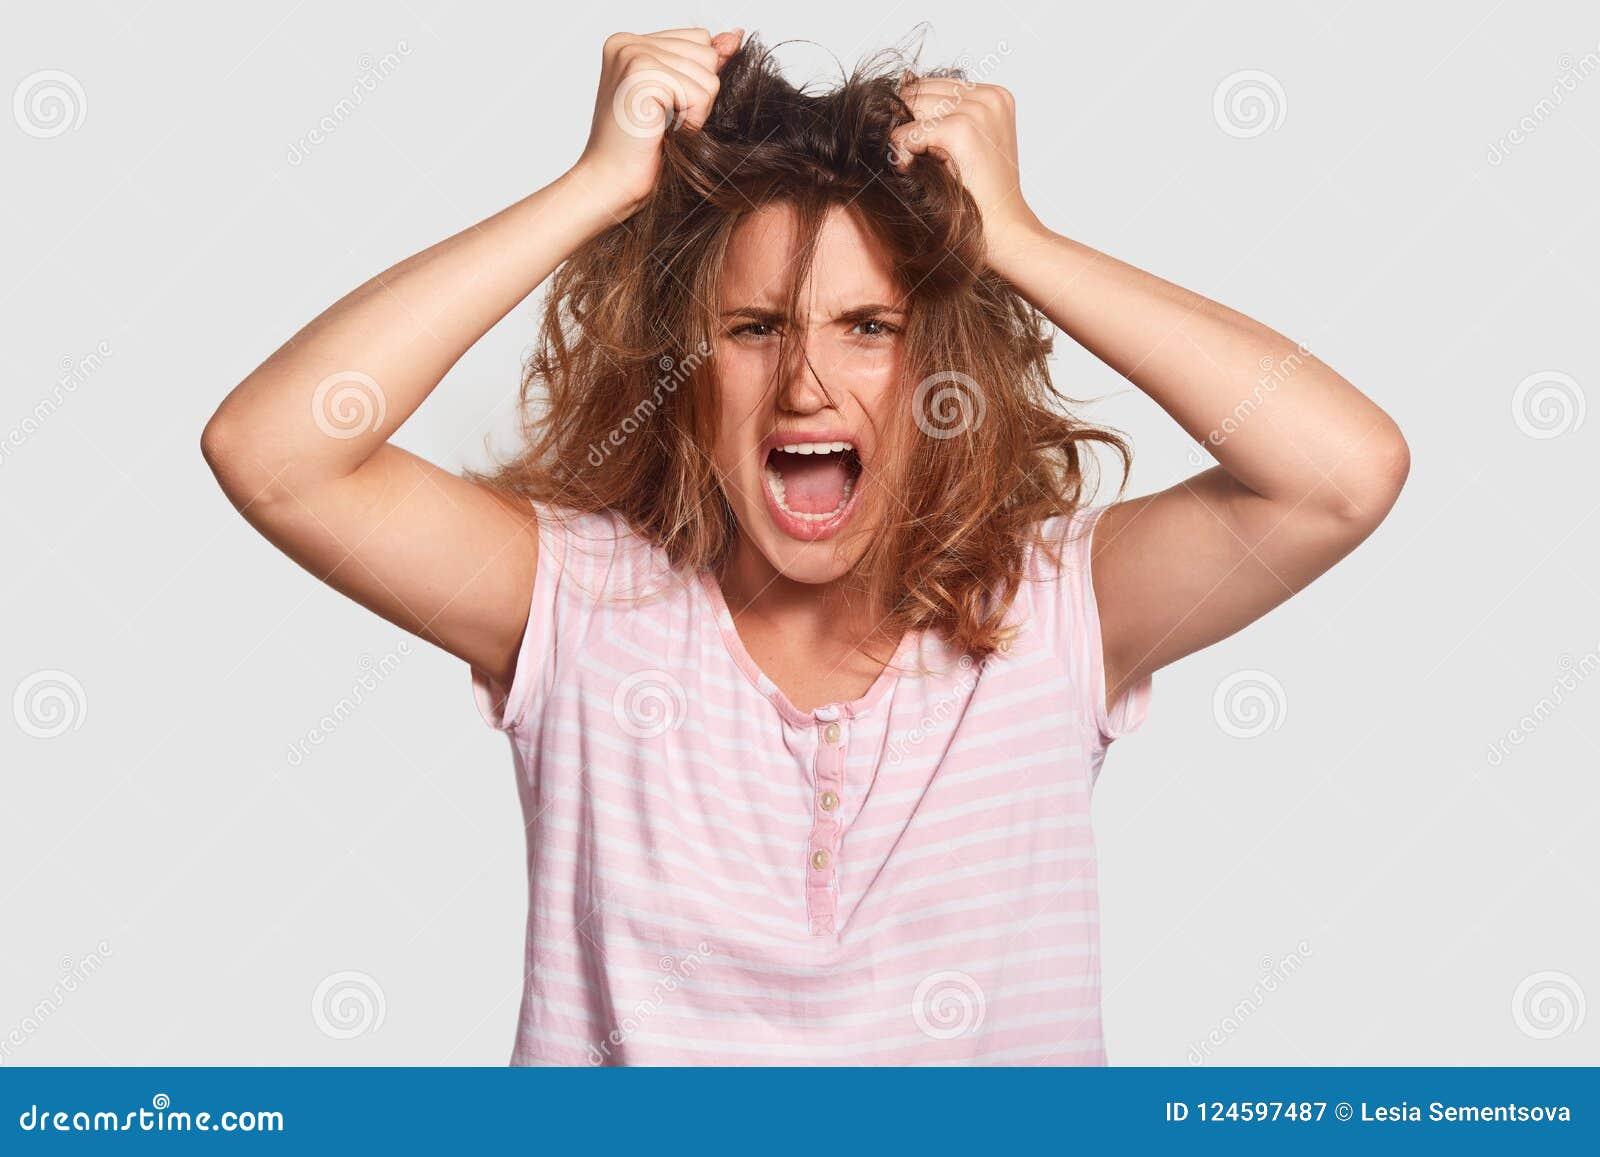 Den deprimerade irriterade unga kvinnlign har röra på hår, öppnar munnen brett, ropar angrily, önskar inte får upp, matat upp av